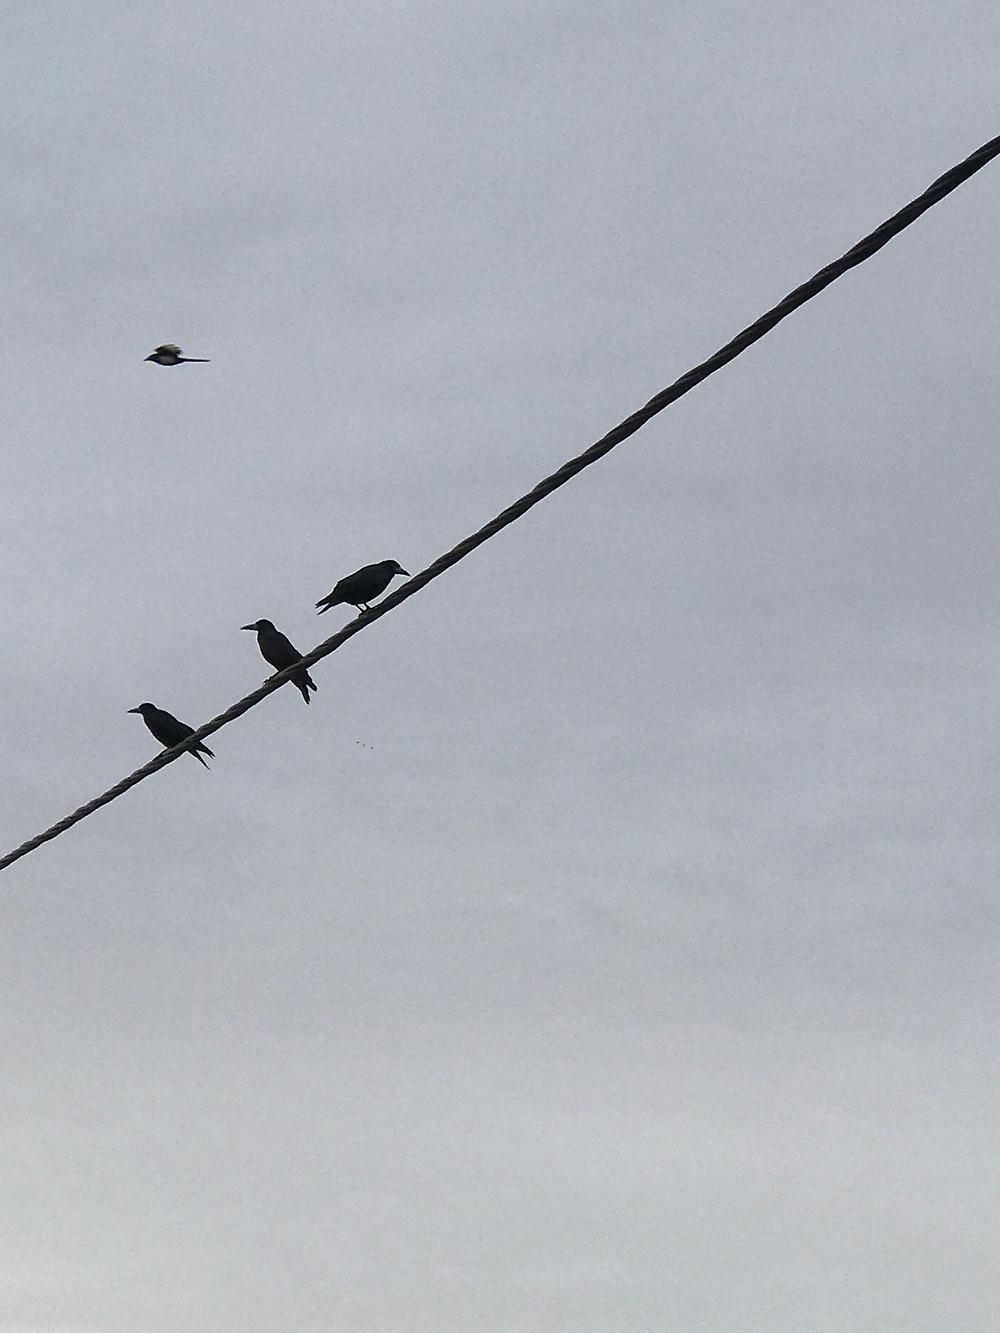 Οι ενδορφίνες πετάνε σαν τα πουλιά.